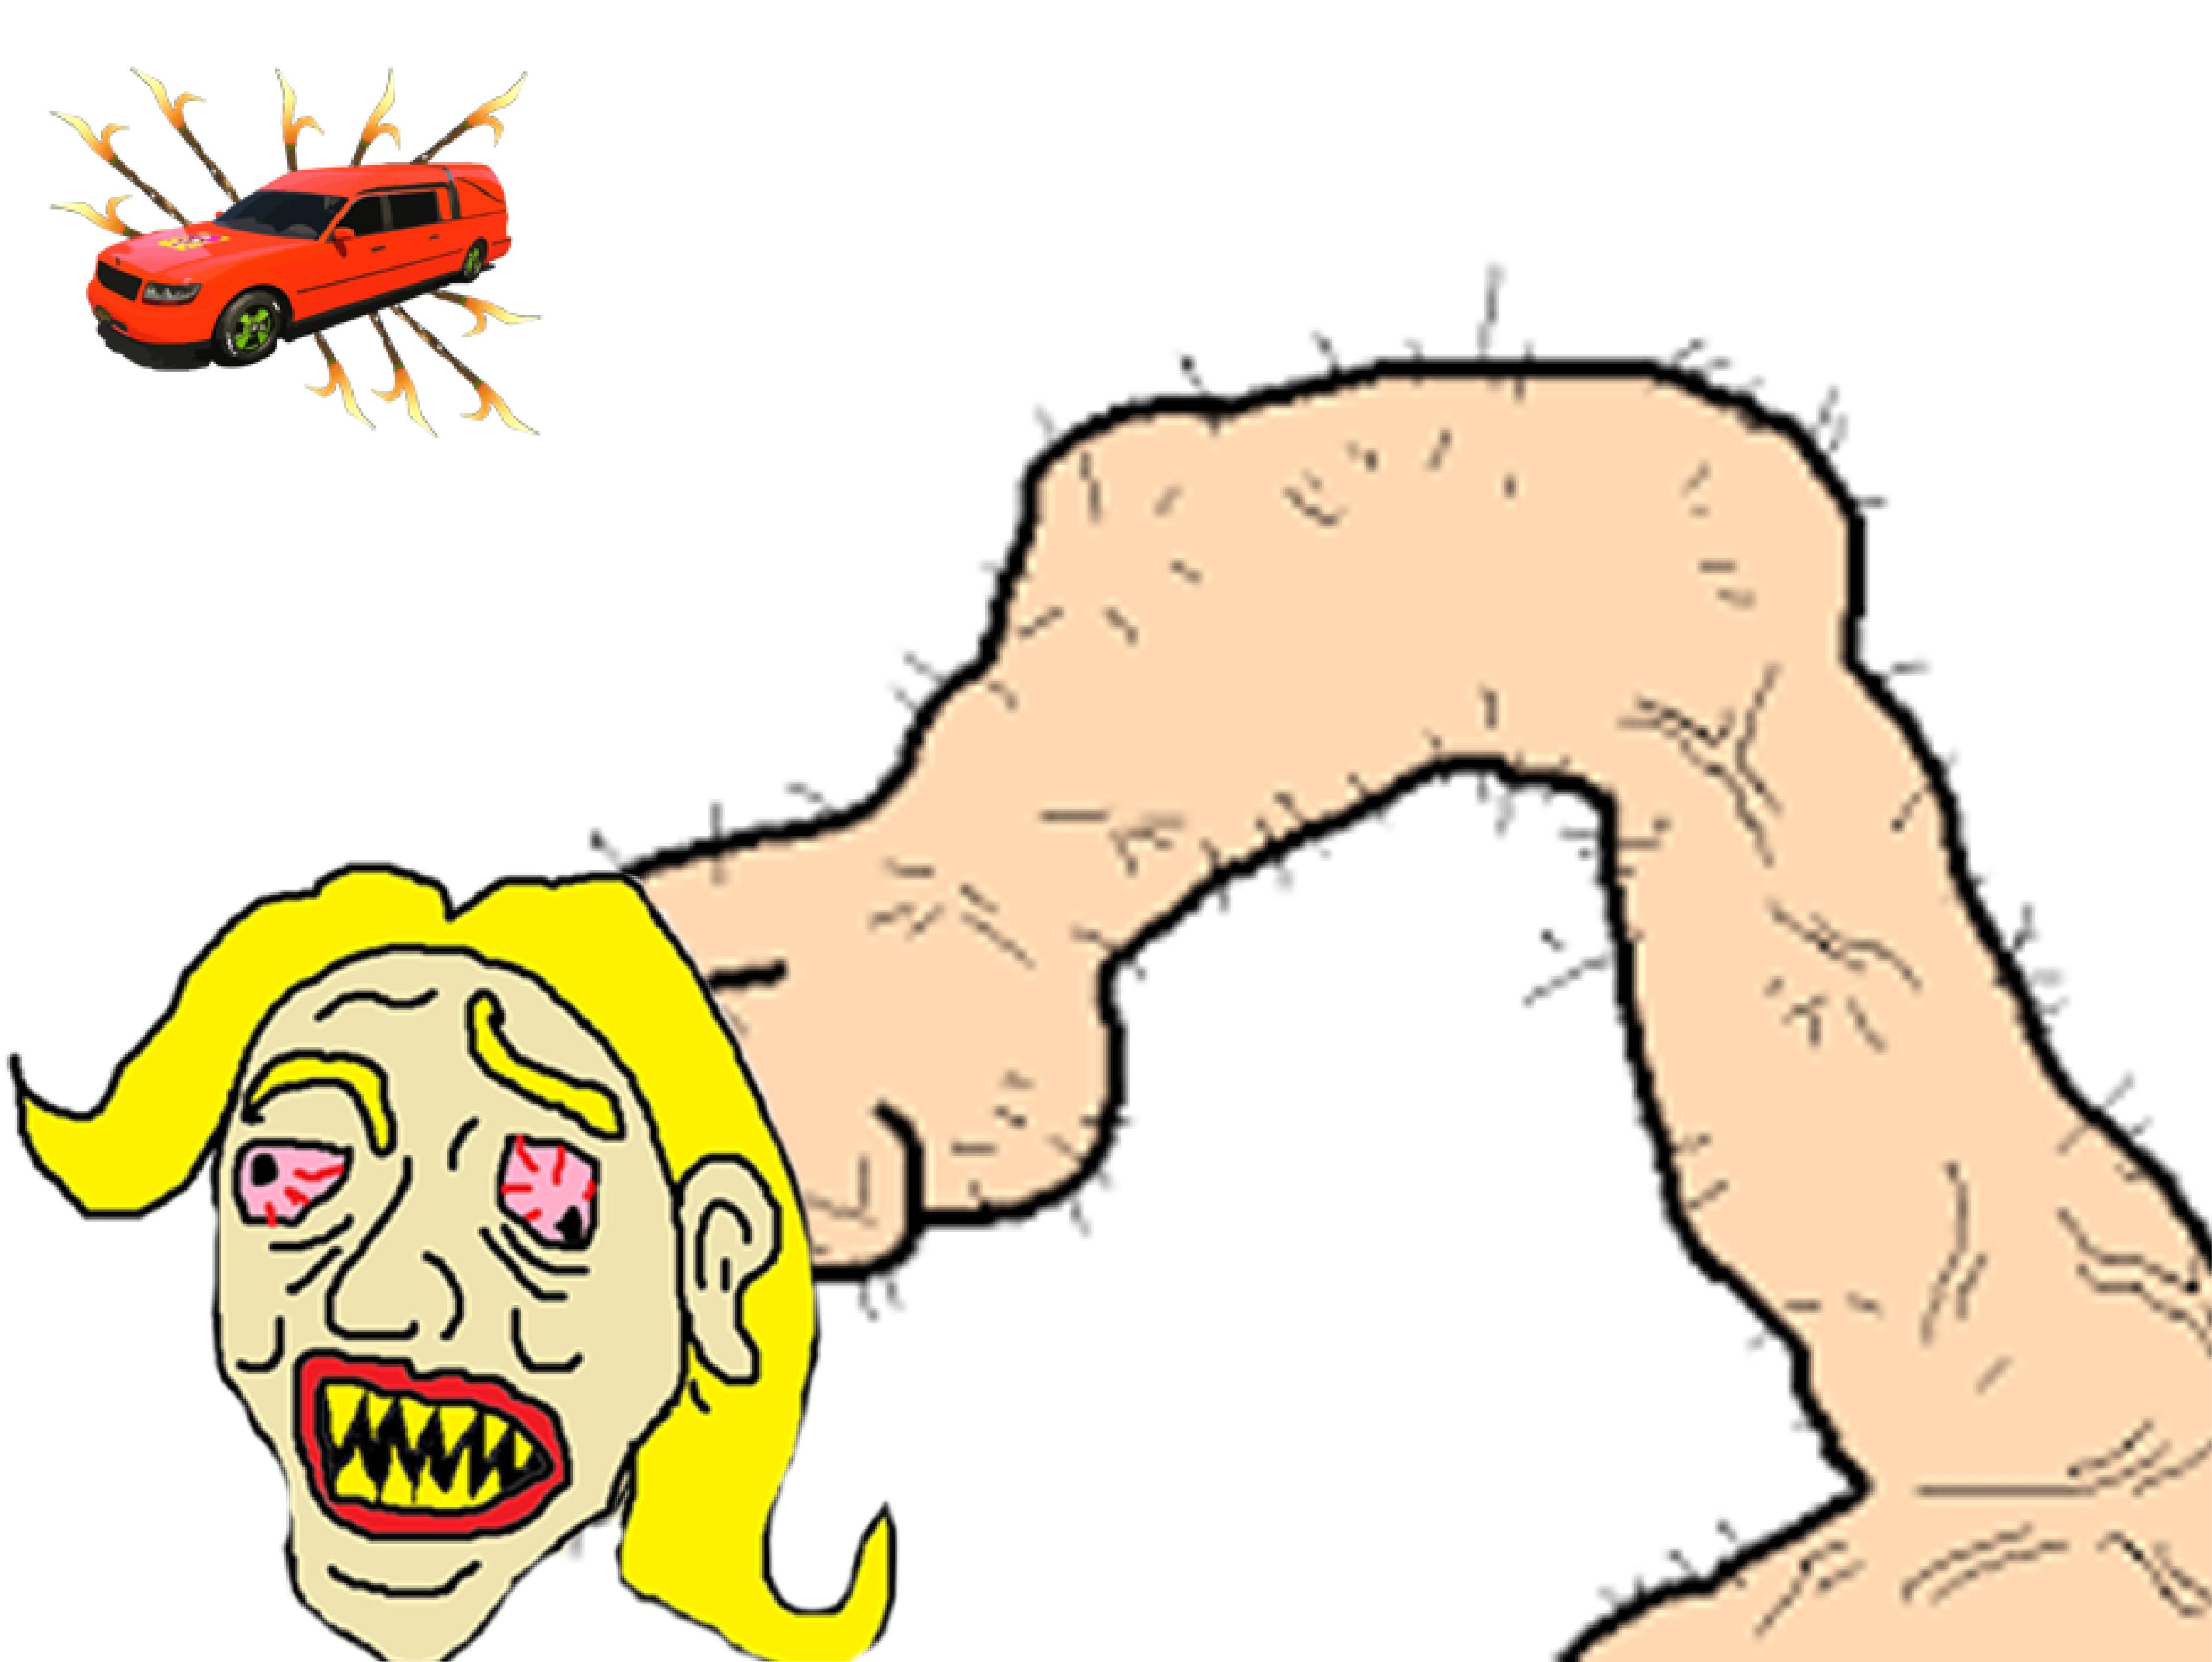 Sticker politic penis le pen corbillard debile petit bras